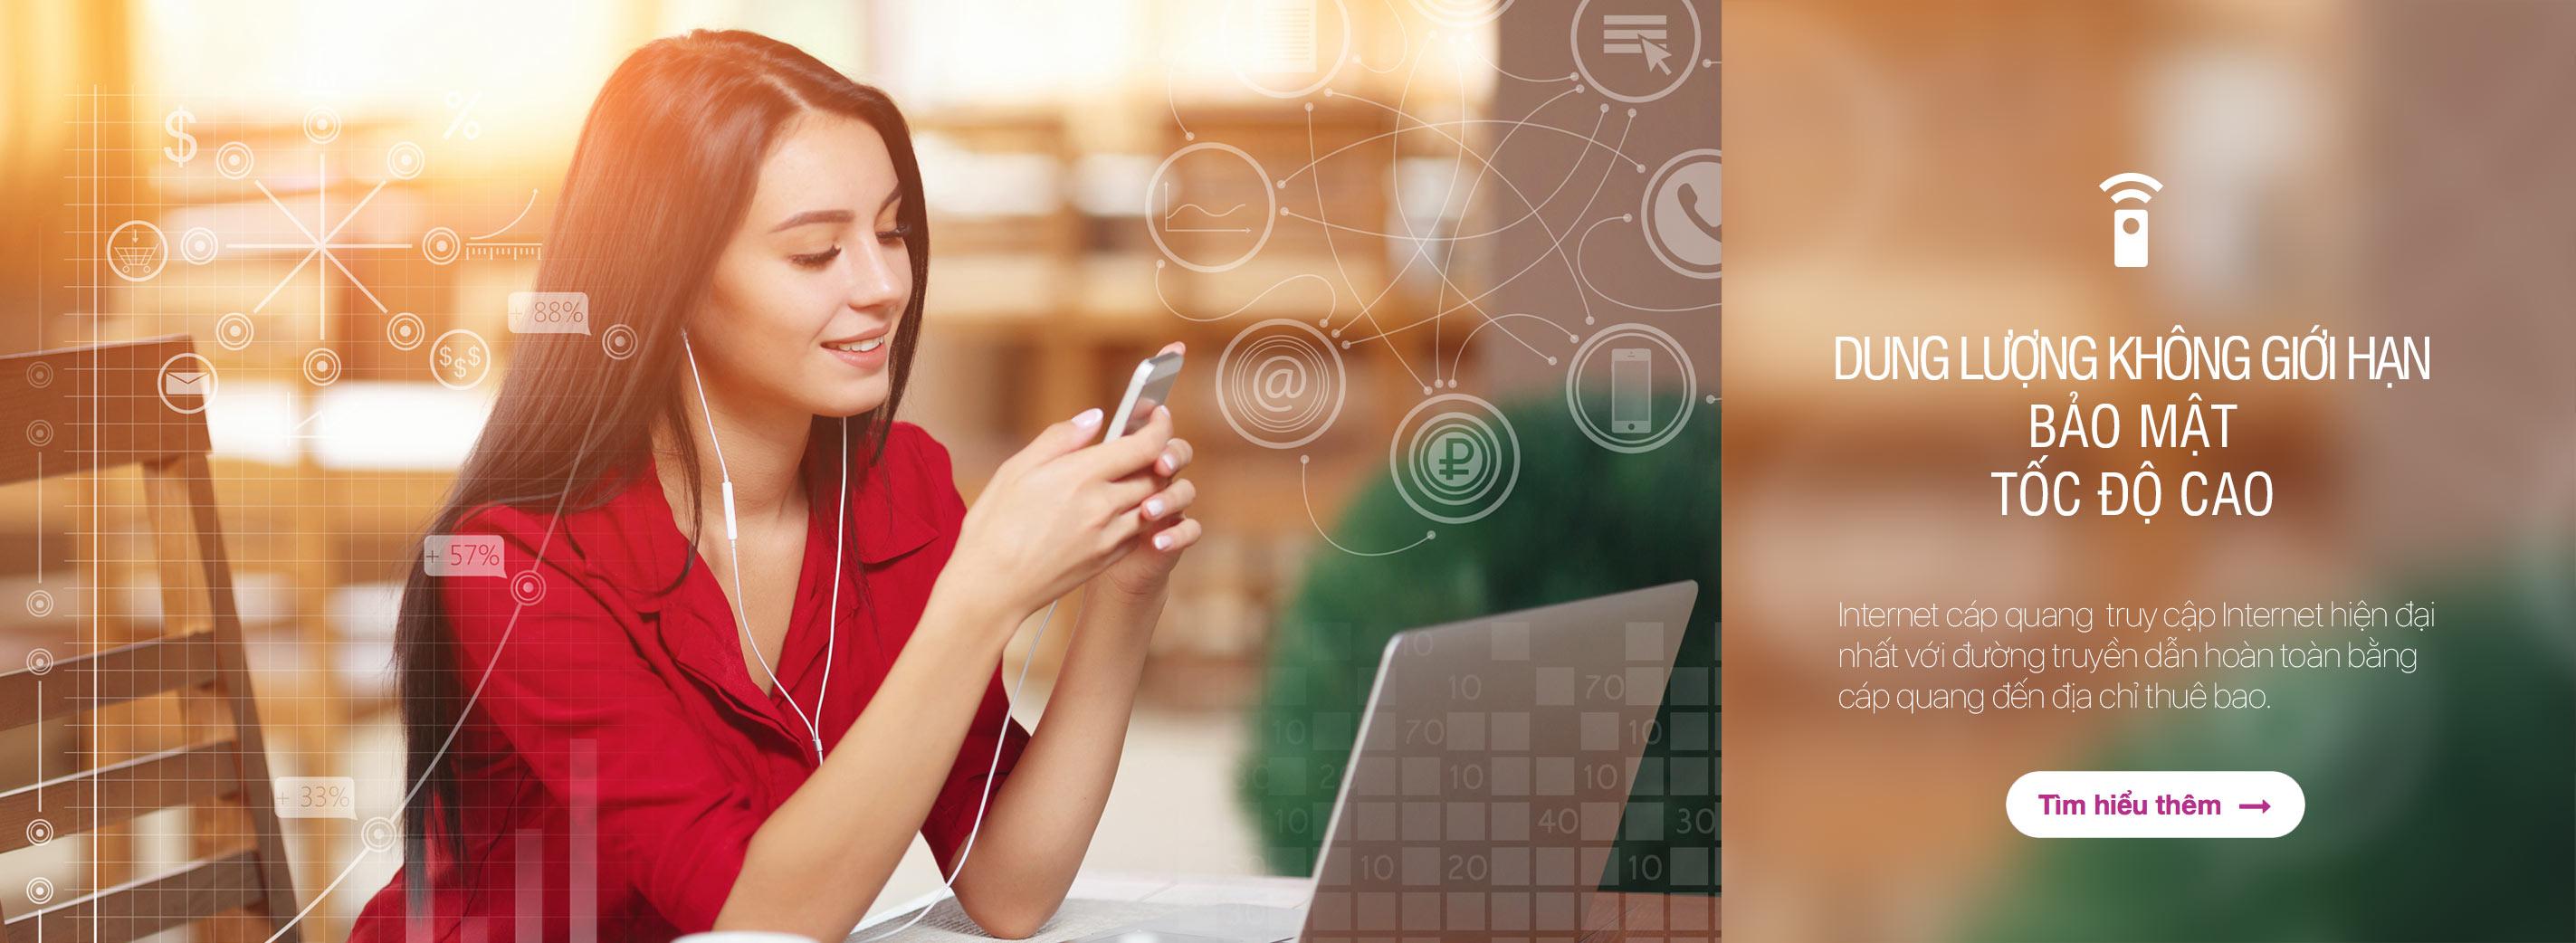 Nhanh tay đăng ký gói VD89 Vinaphone nhận ngay ưu đãi gọi